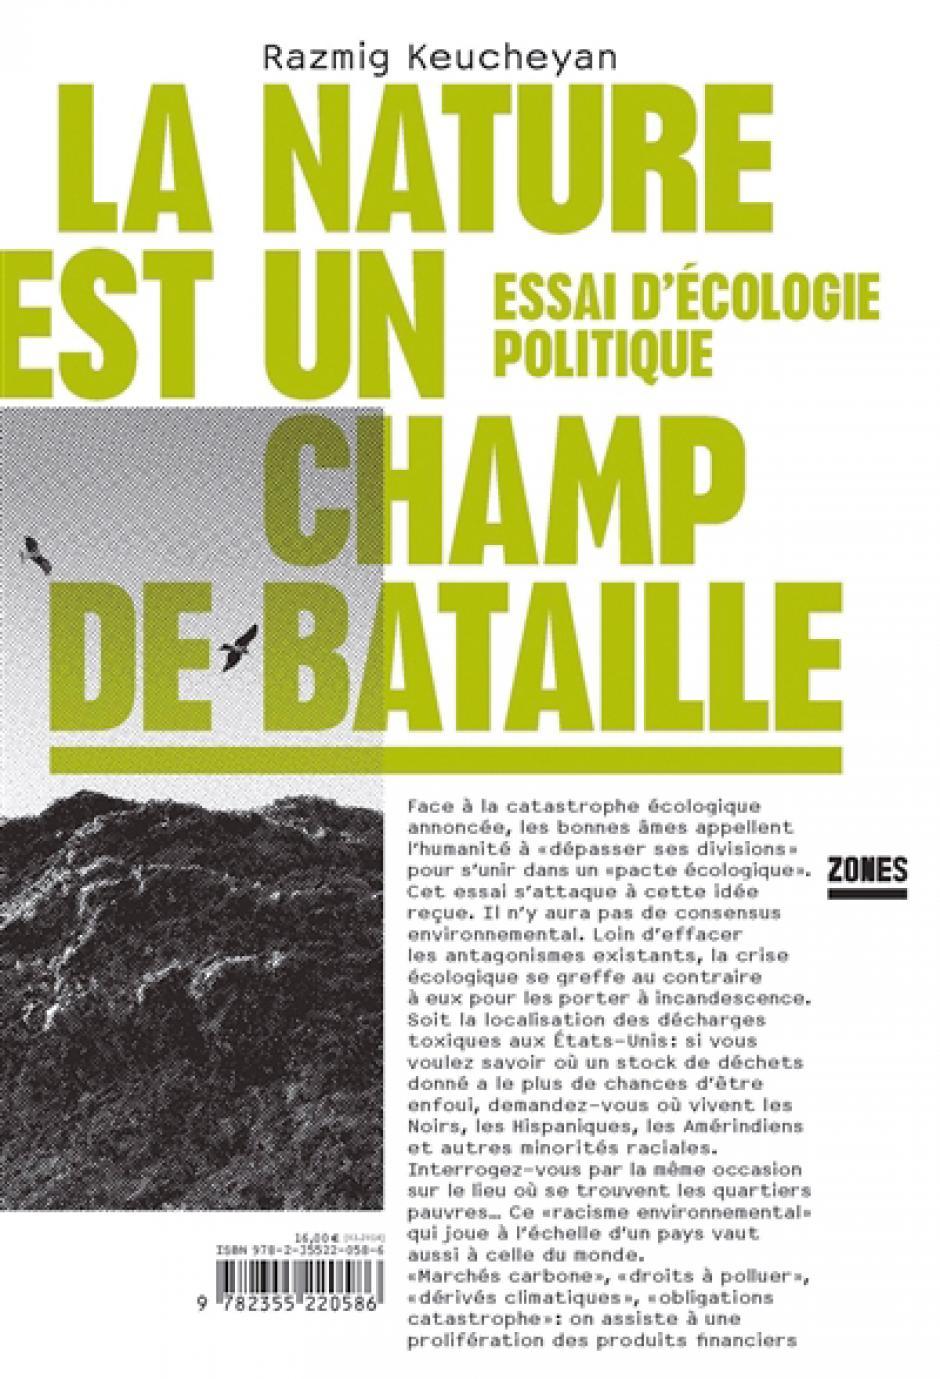 La nature est un champ de bataille, Essai d'écologie politique, Razmig Keucheyan